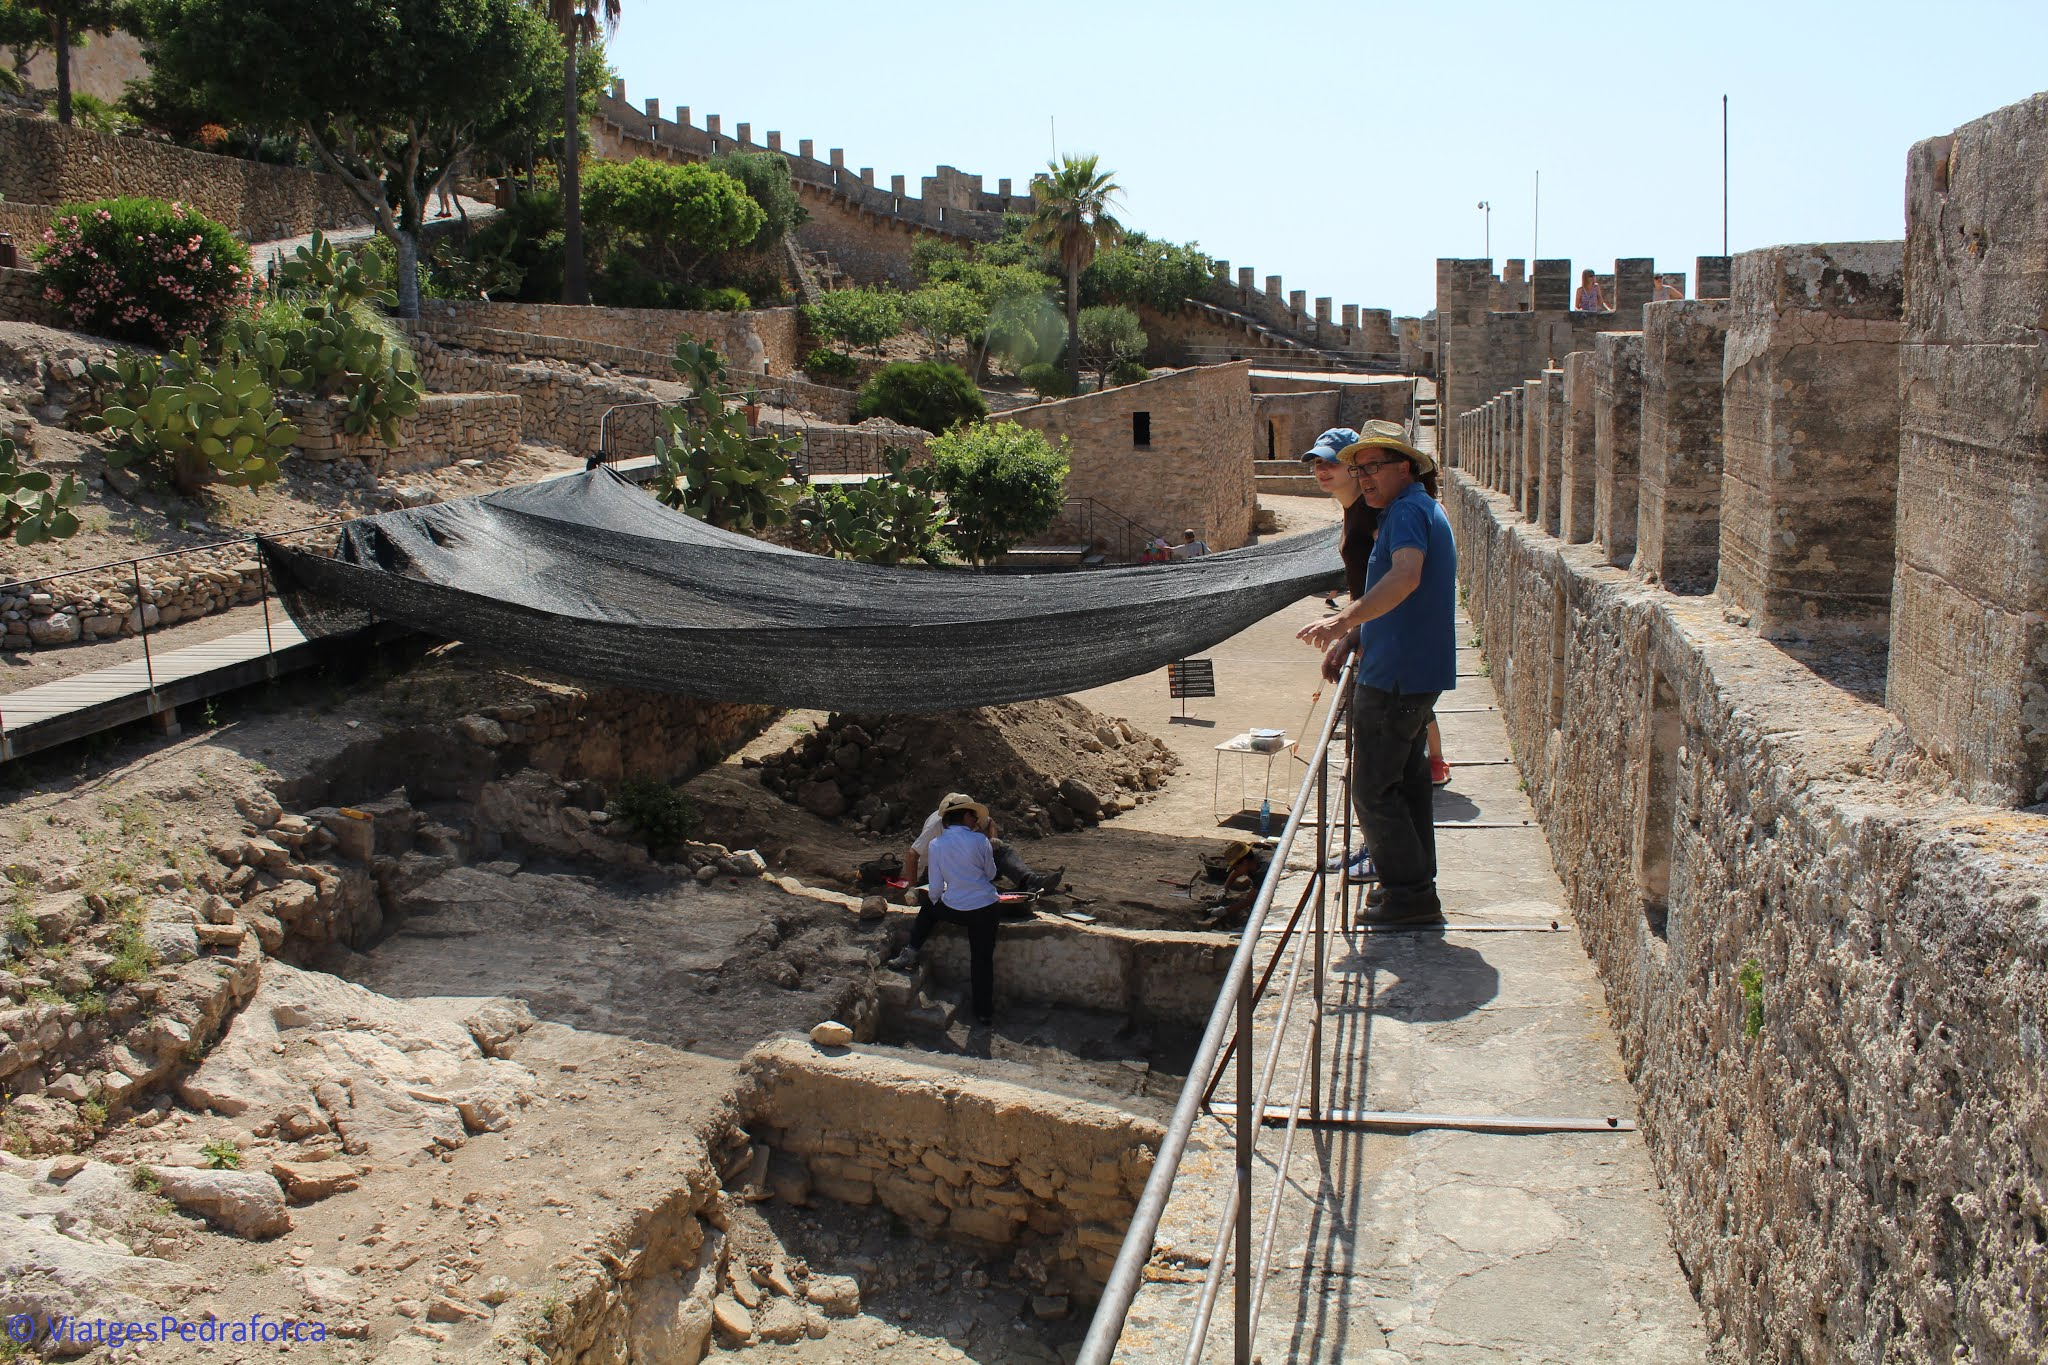 Mallorca, Illes Balears, Països Catalans, els pobles més bonics de Mallorca, patrimoni cultural, arqueologia